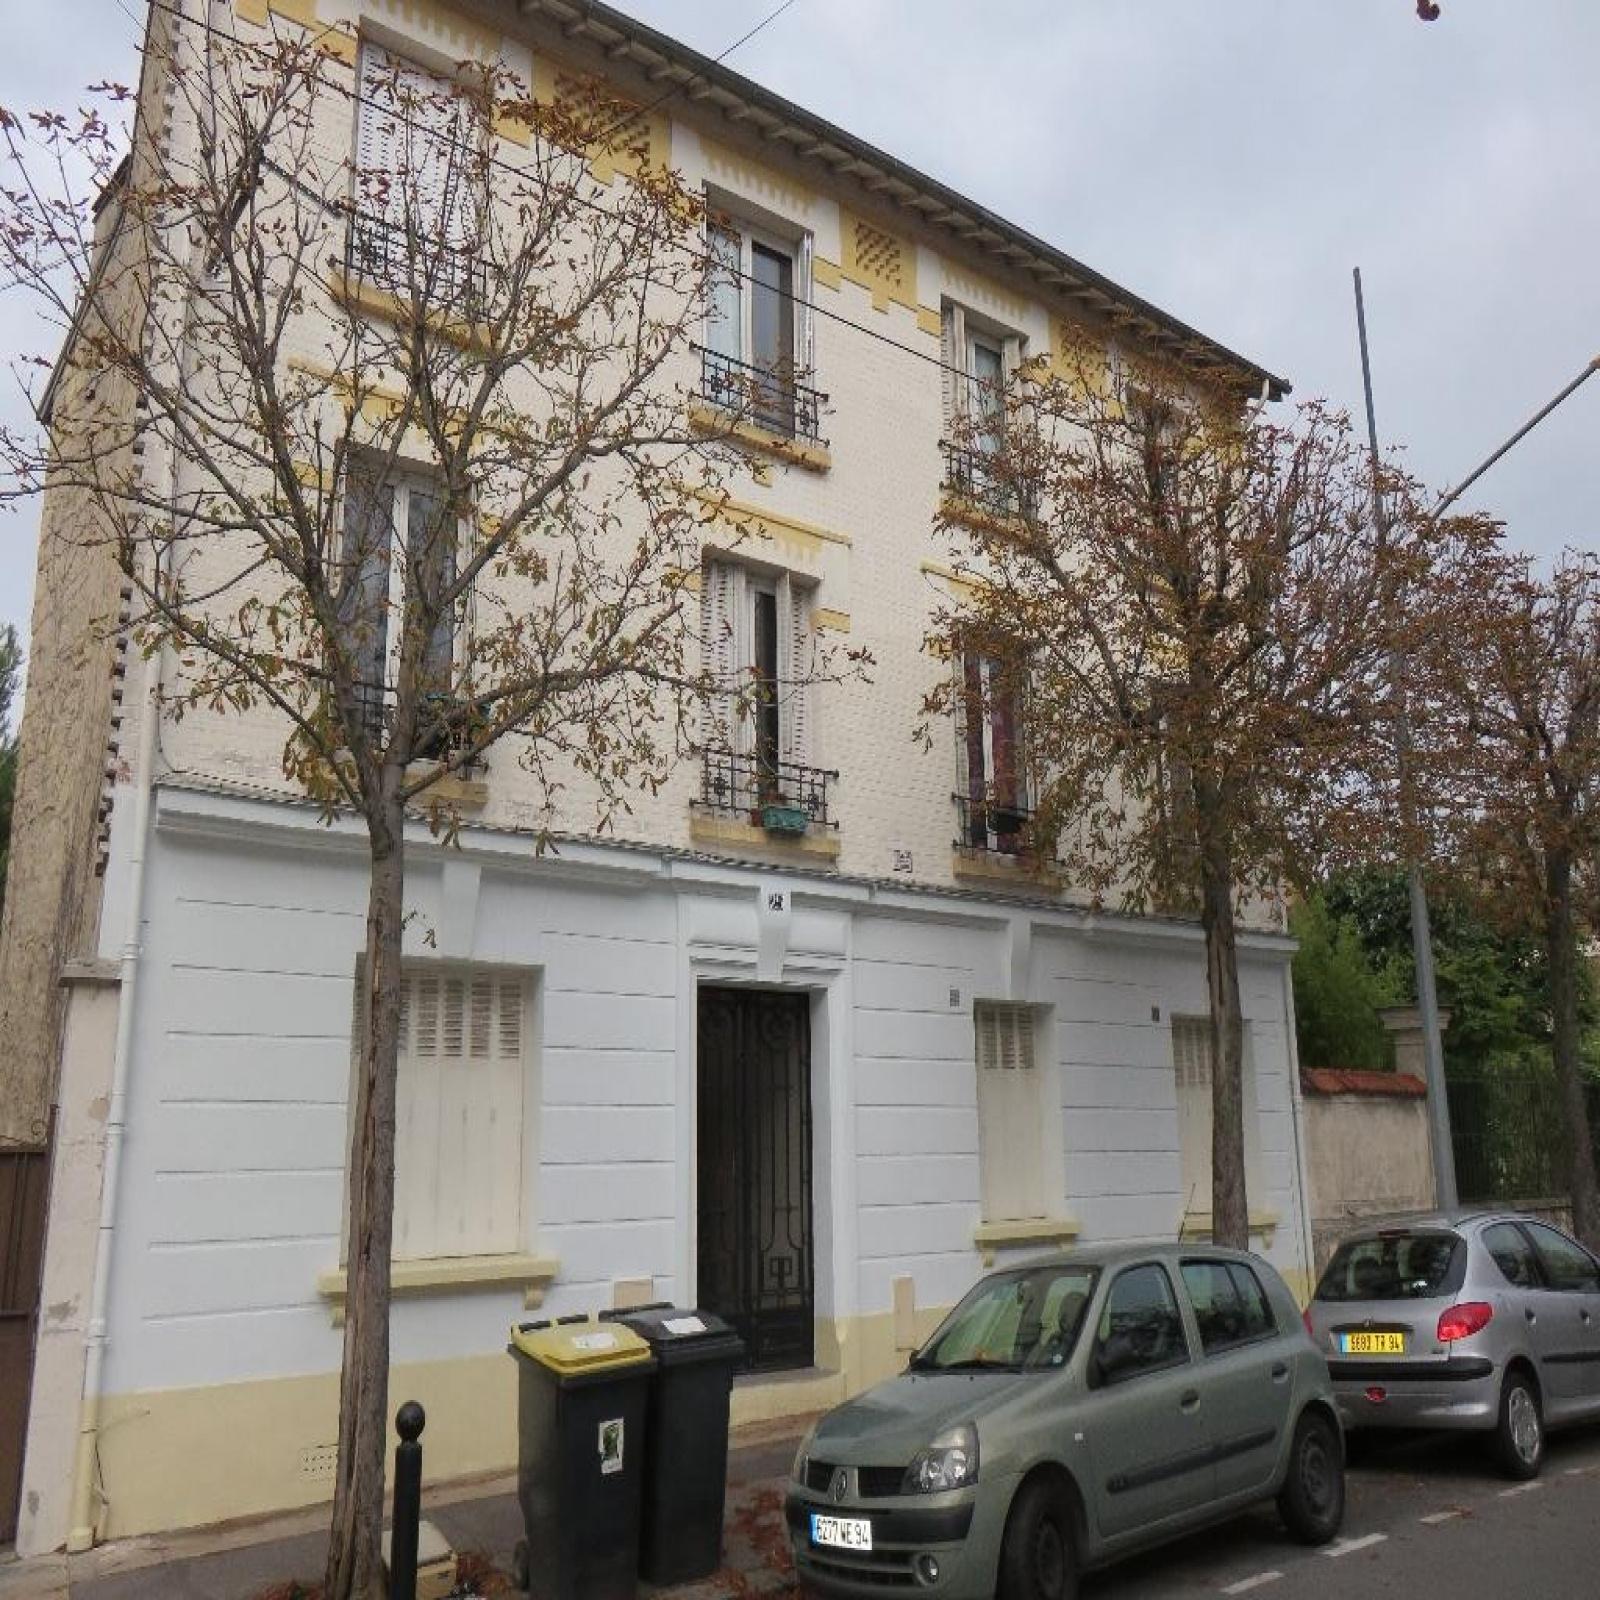 Architecte La Varenne St Hilaire location la varenne saint hilaire - centre ville - f2 - 38 m2